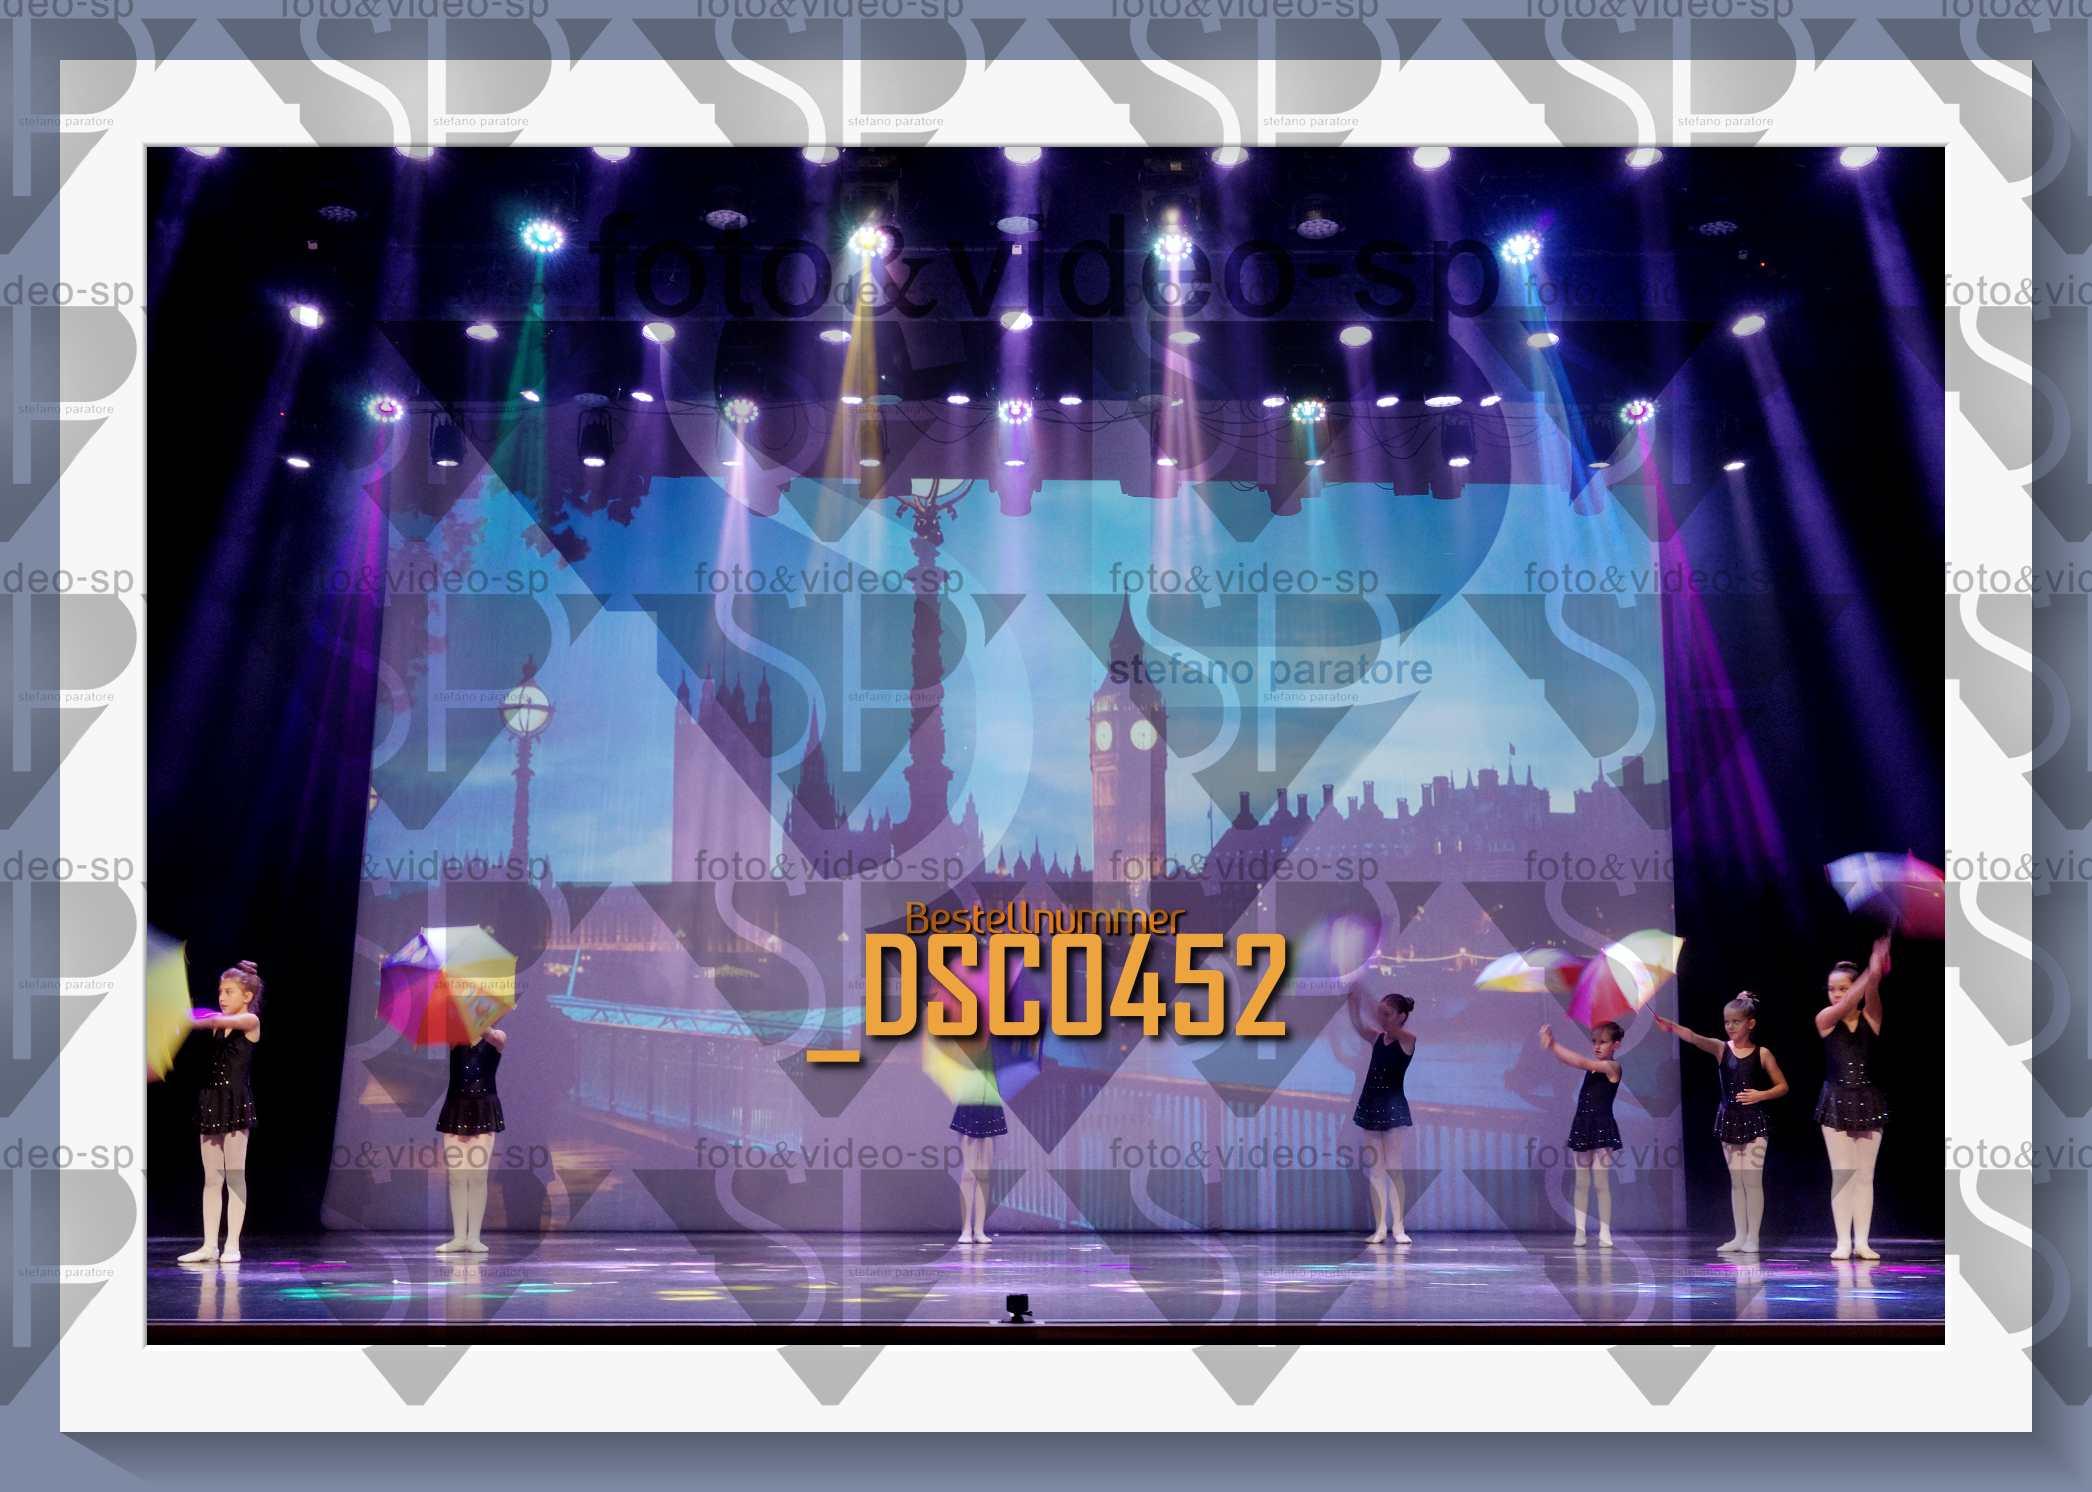 DSC0452